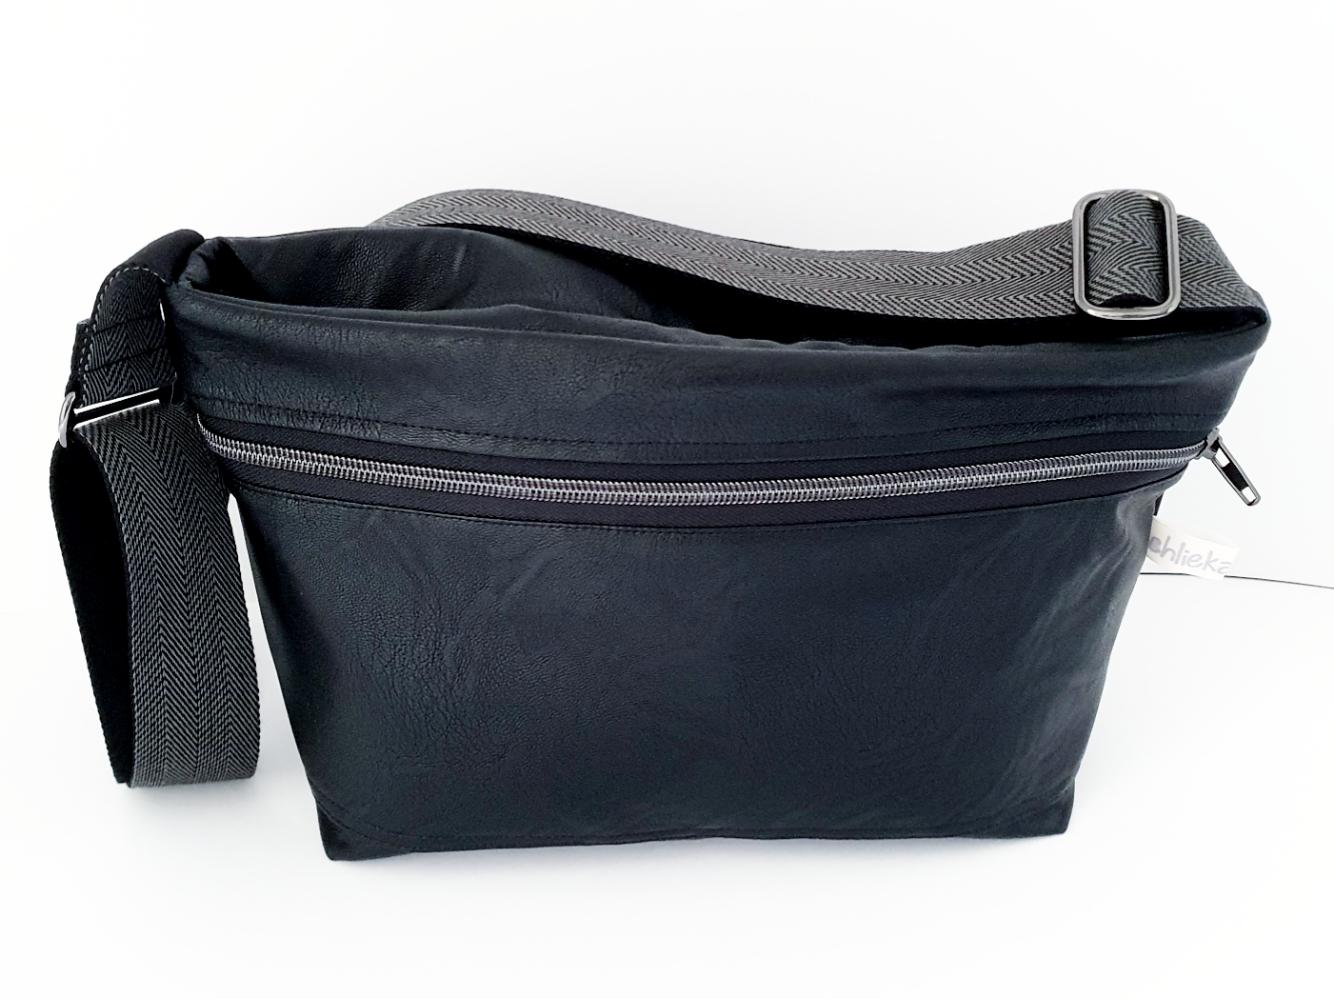 Tasche quer weiches Kunstleder schwarz, verkauft